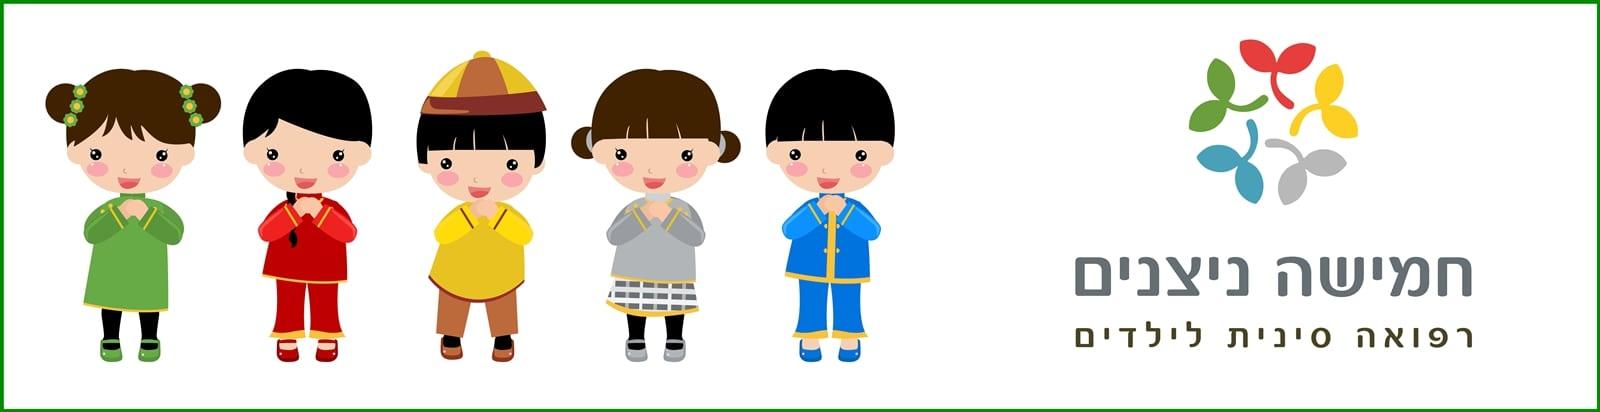 חמישה ניצנים, קורס התמחות ברפואה סינית לילדים